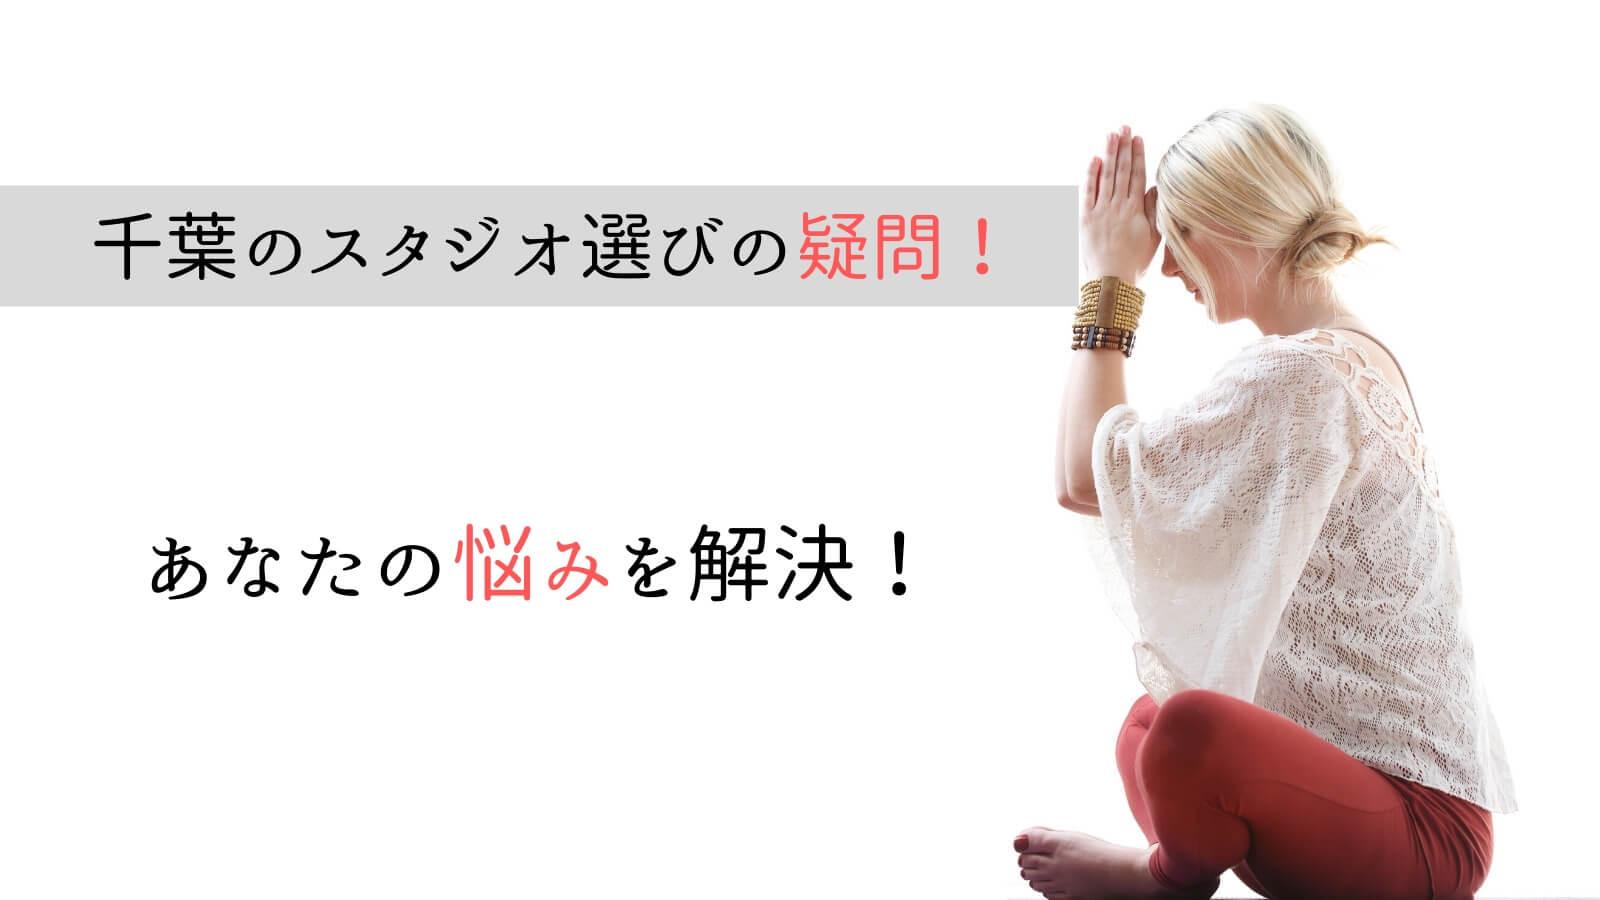 千葉でのヨガ・ホットヨガスタジオ選びに関するQ&A